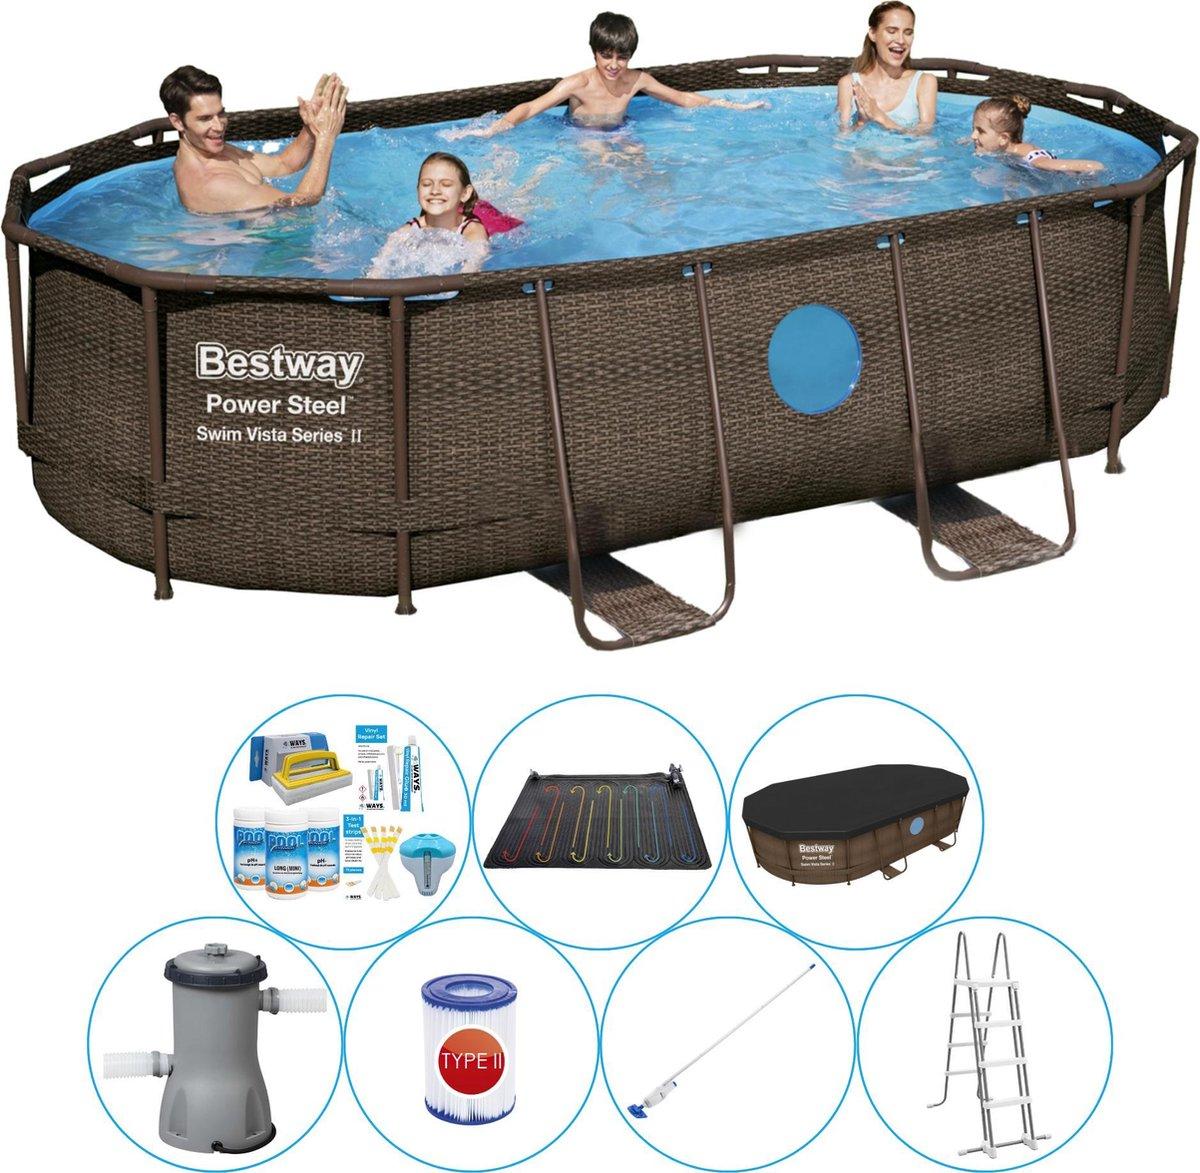 Bestway Power Steel Swim Vista OVAAL 427x250x100 cm - Zwembad Inclusief Accessoires